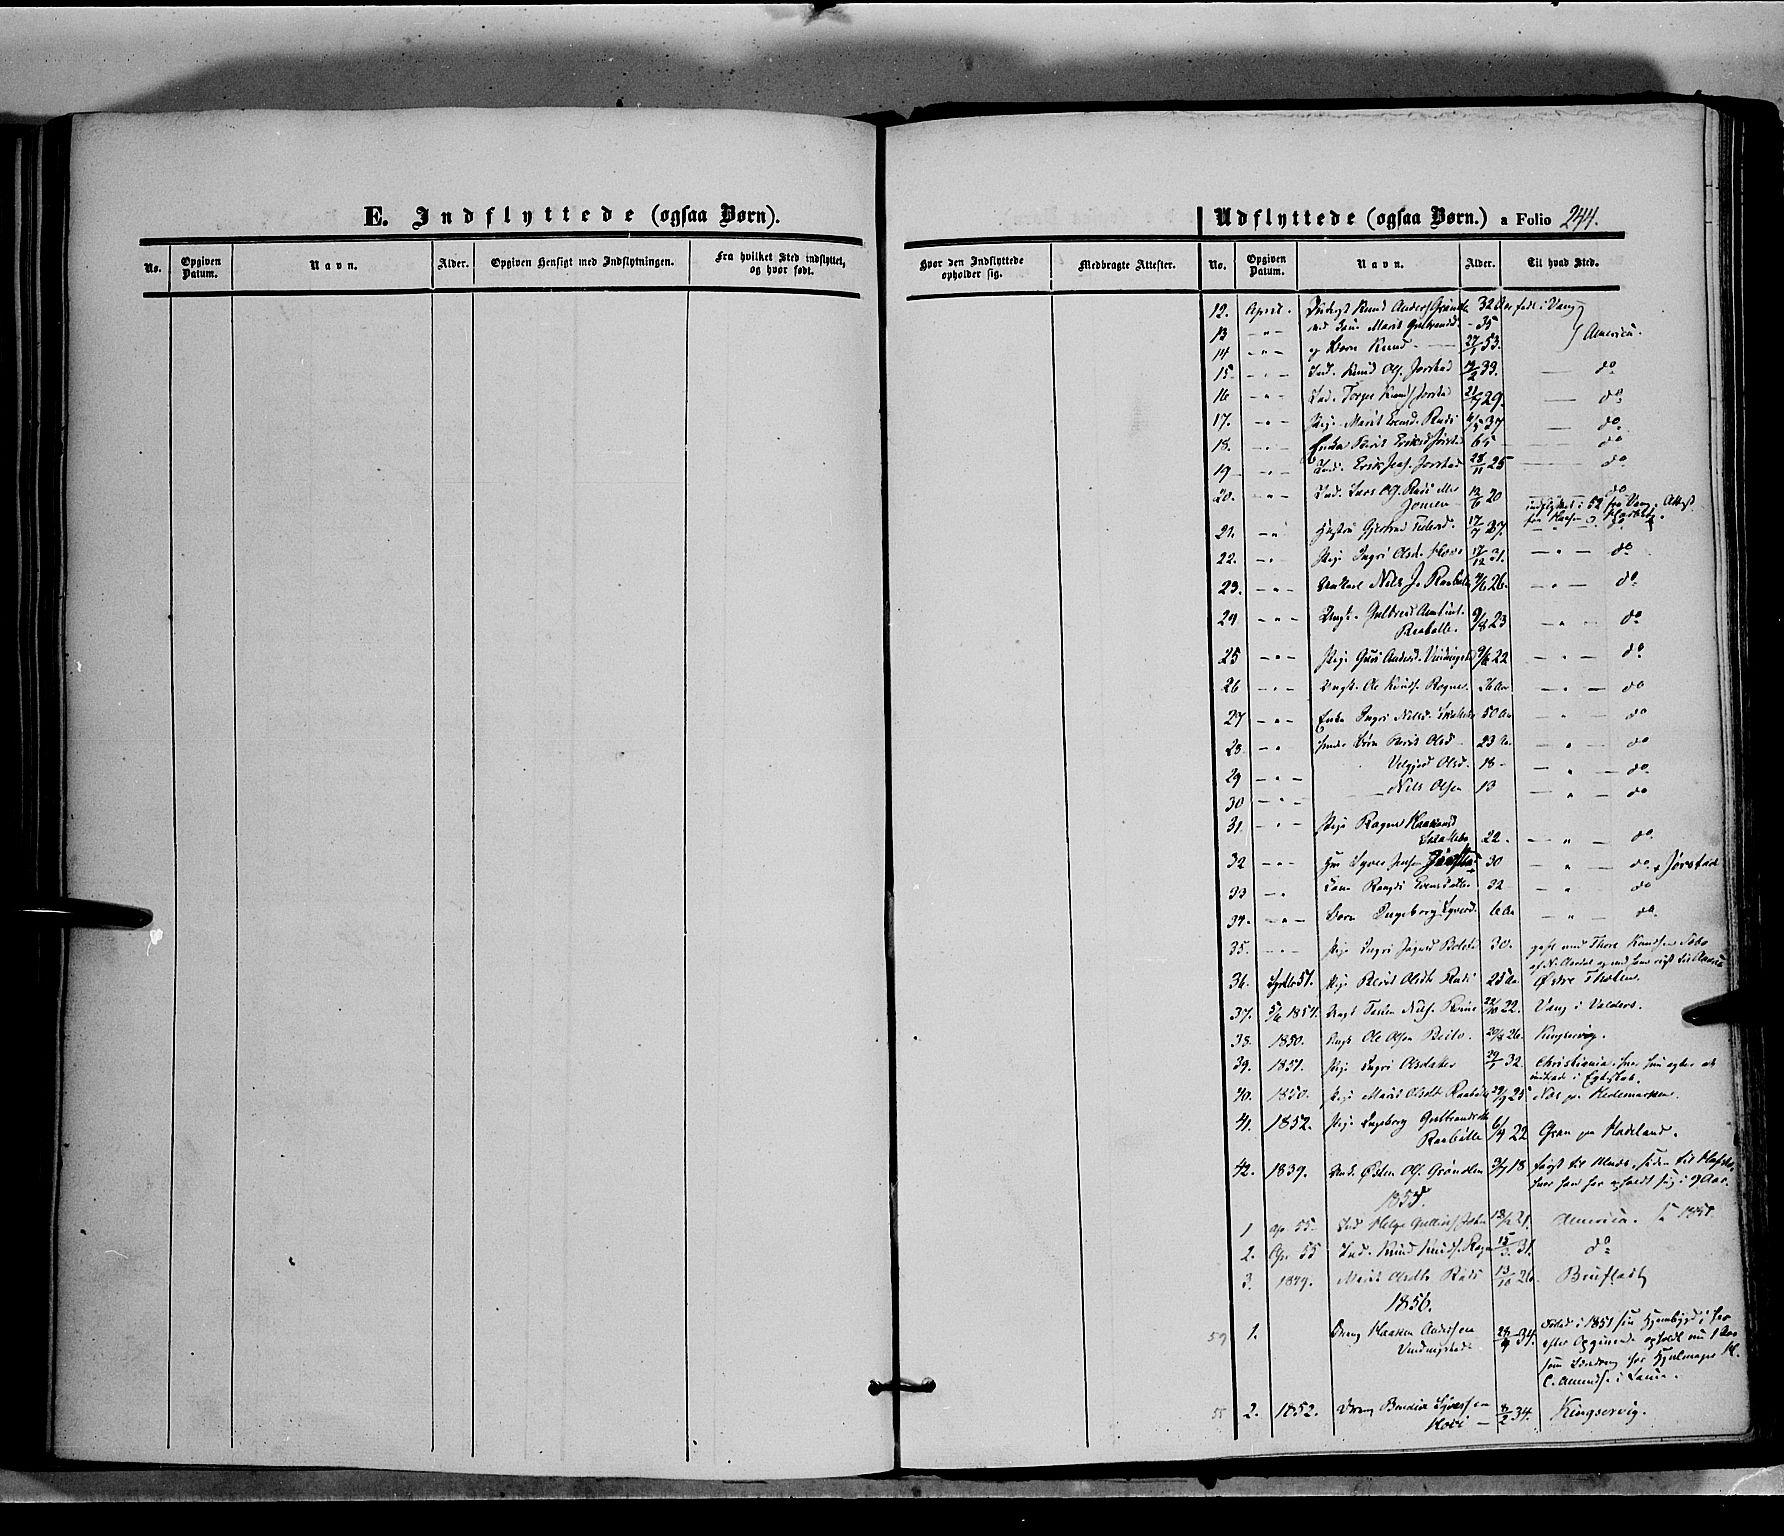 SAH, Øystre Slidre prestekontor, Ministerialbok nr. 1, 1849-1874, s. 243